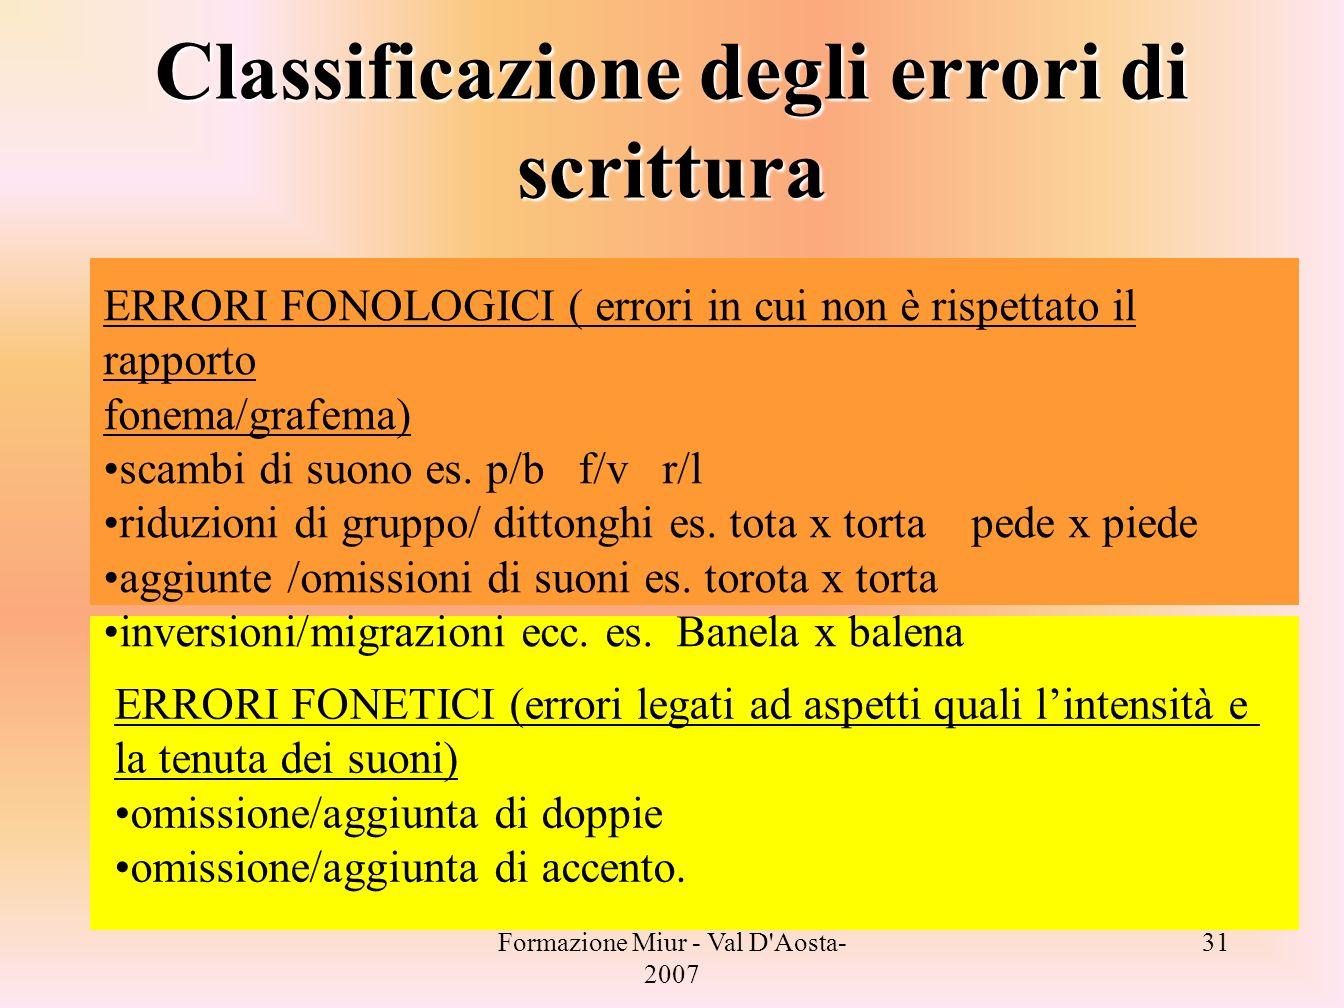 Formazione Miur - Val D'Aosta- 2007 31 Classificazione degli errori di scrittura ERRORI FONOLOGICI ( errori in cui non è rispettato il rapporto fonema